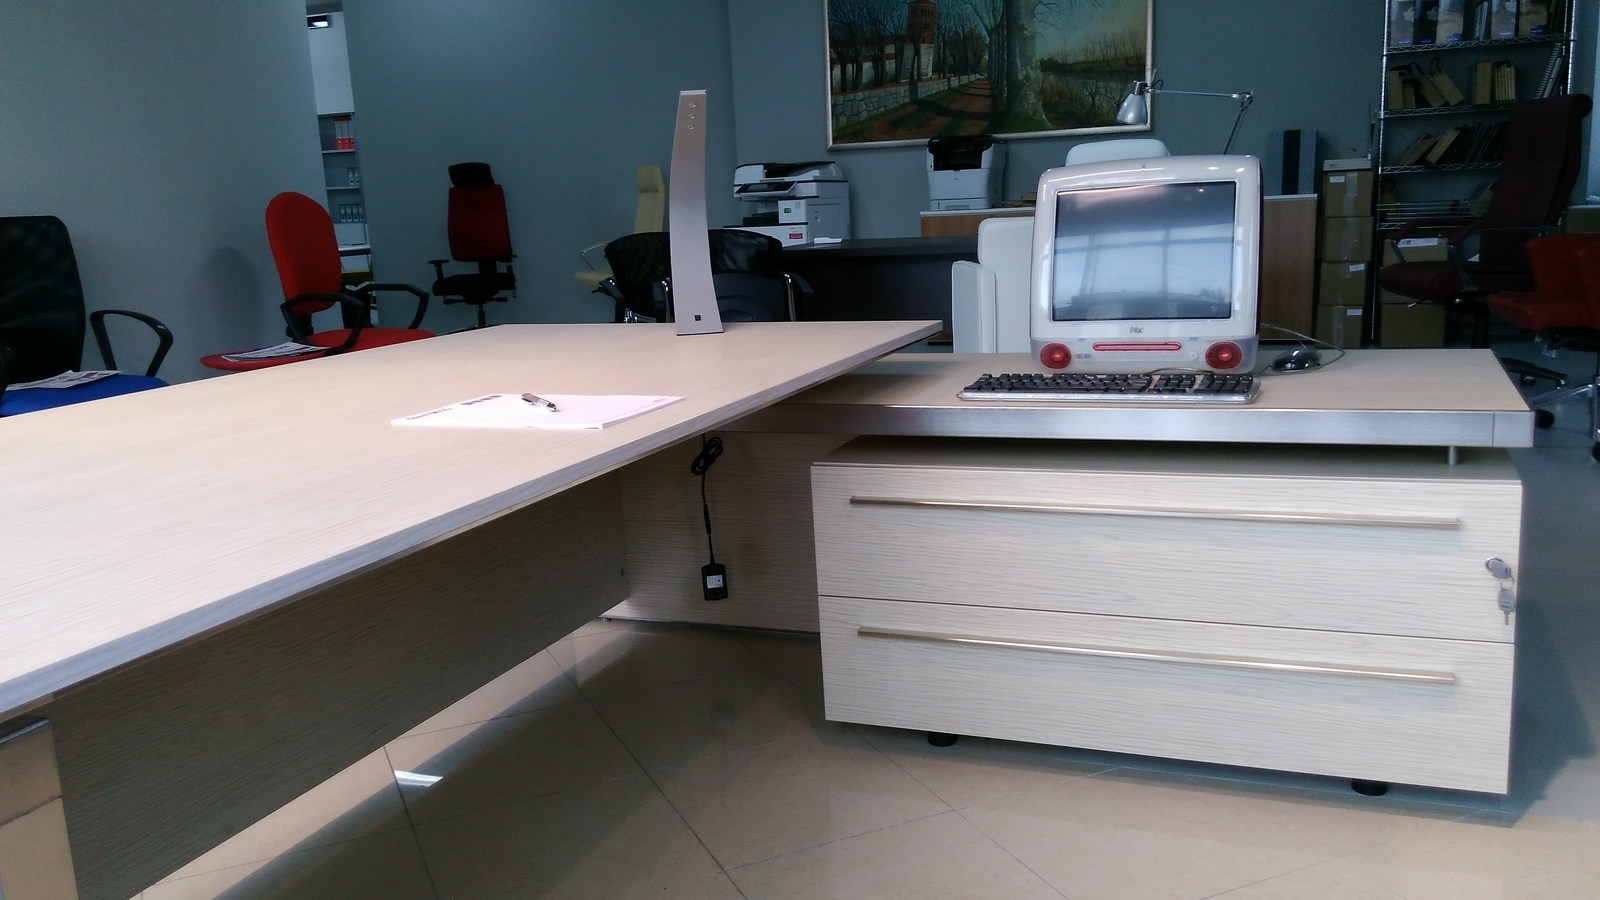 Las mobili per ufficio eos scrivanie legno arredo for Scrivanie ufficio vetro prezzi